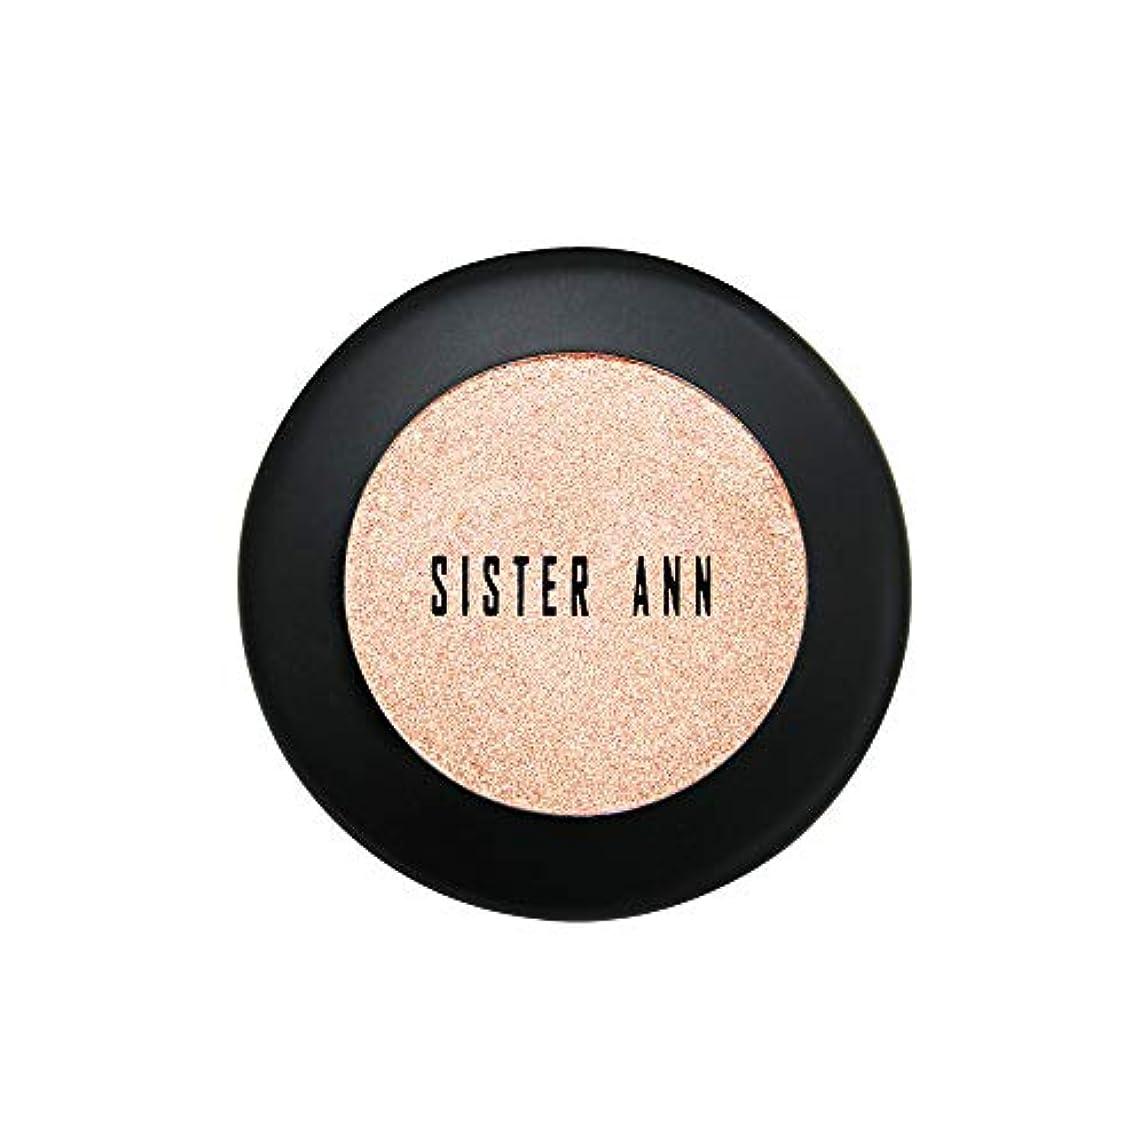 革命的長方形で[SISTER ANN] カラーシャインシャドウ (Glam Beige)